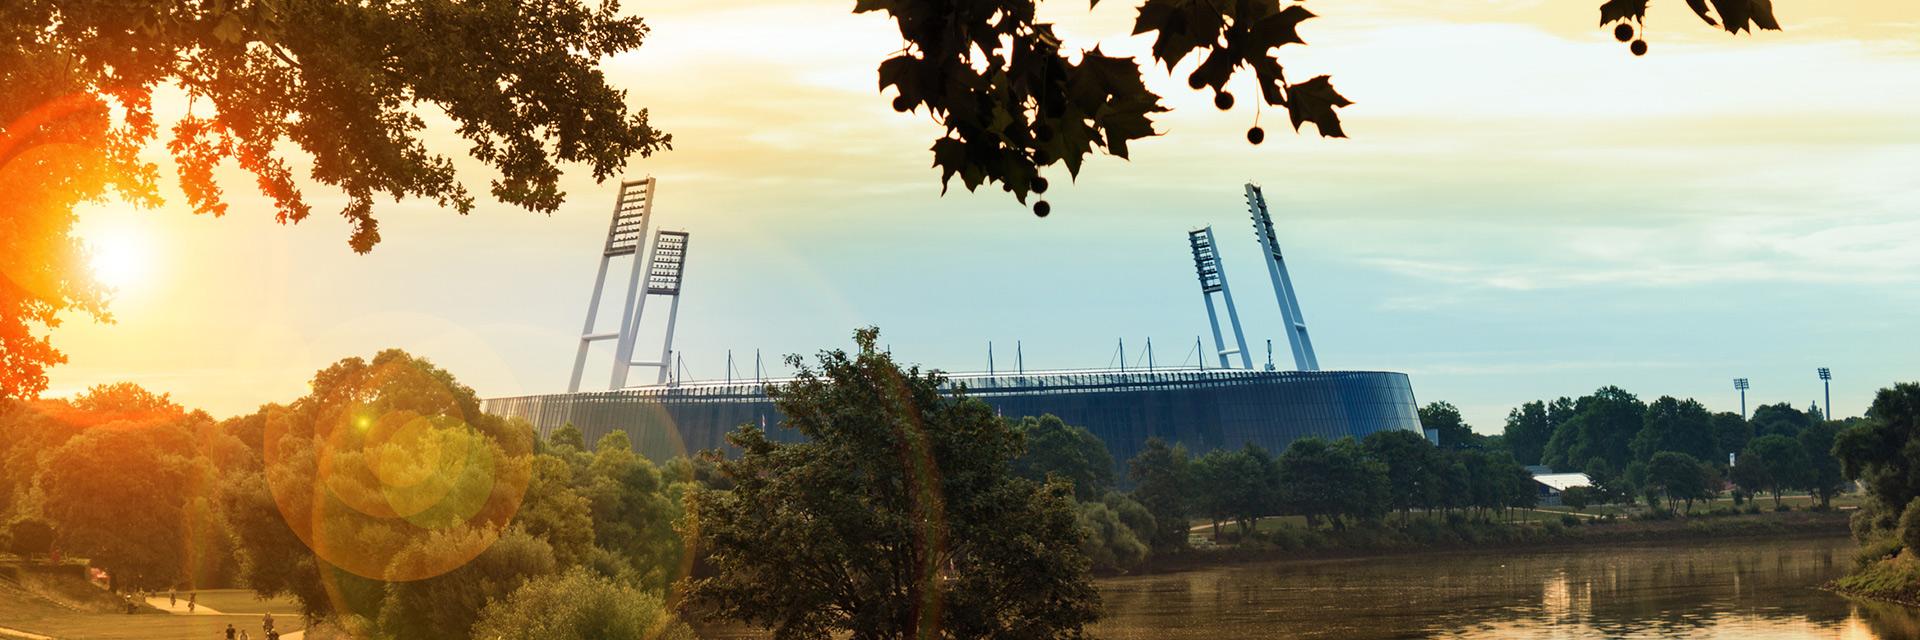 Foto von kessler&partner des Weserstadion Bremen, Spielstätte des SV Werder Bremen